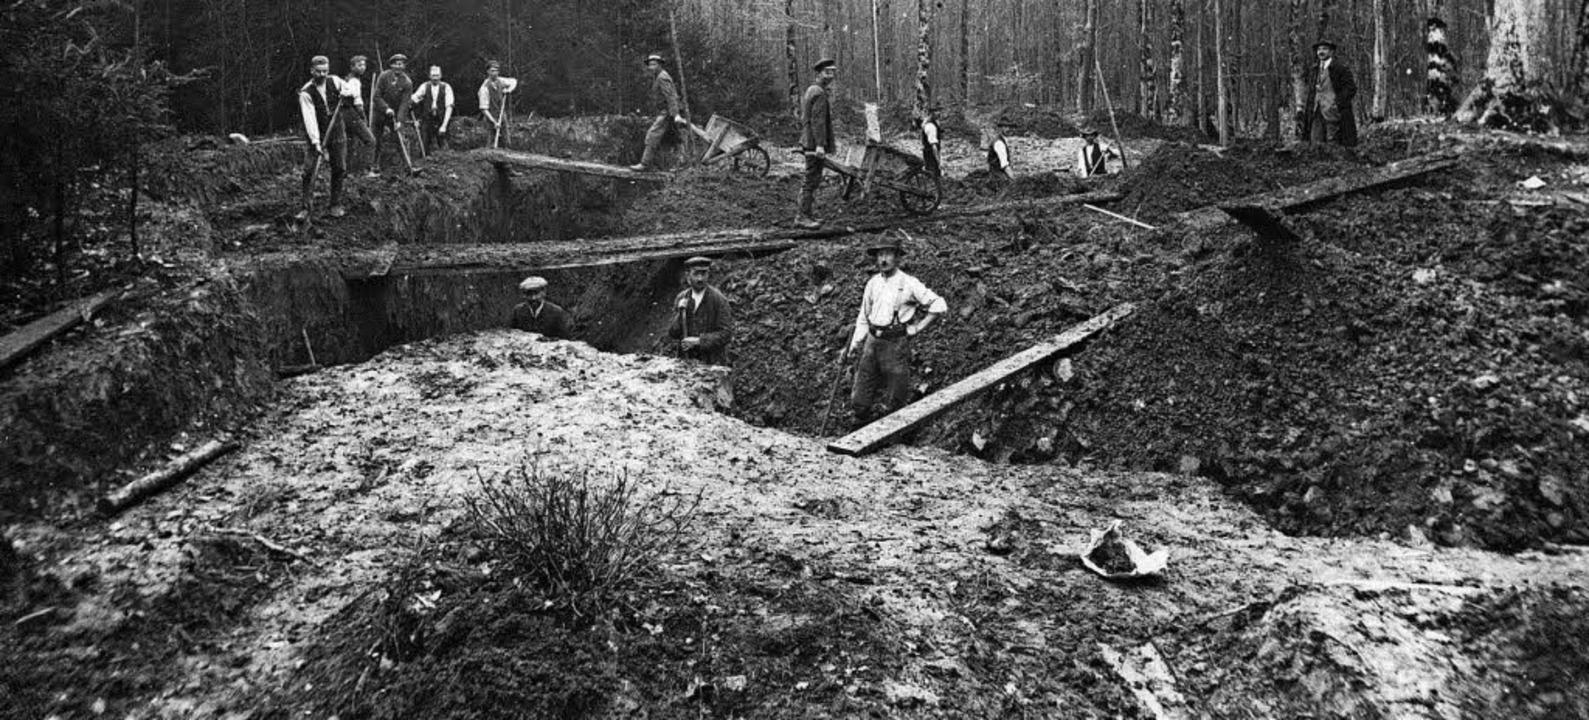 Grabhügeluntersuchung 1924 in Wintersweiler     Foto: Badisches Landesmuseum